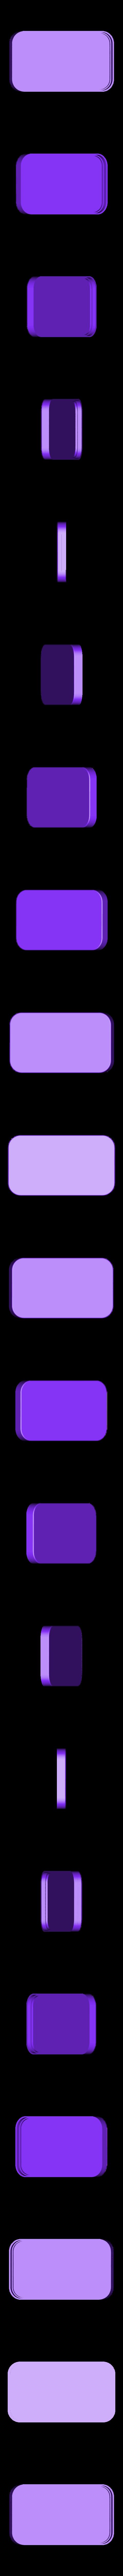 couvercle boite a savon.stl Télécharger fichier STL gratuit boite a savon • Plan à imprimer en 3D, dsf